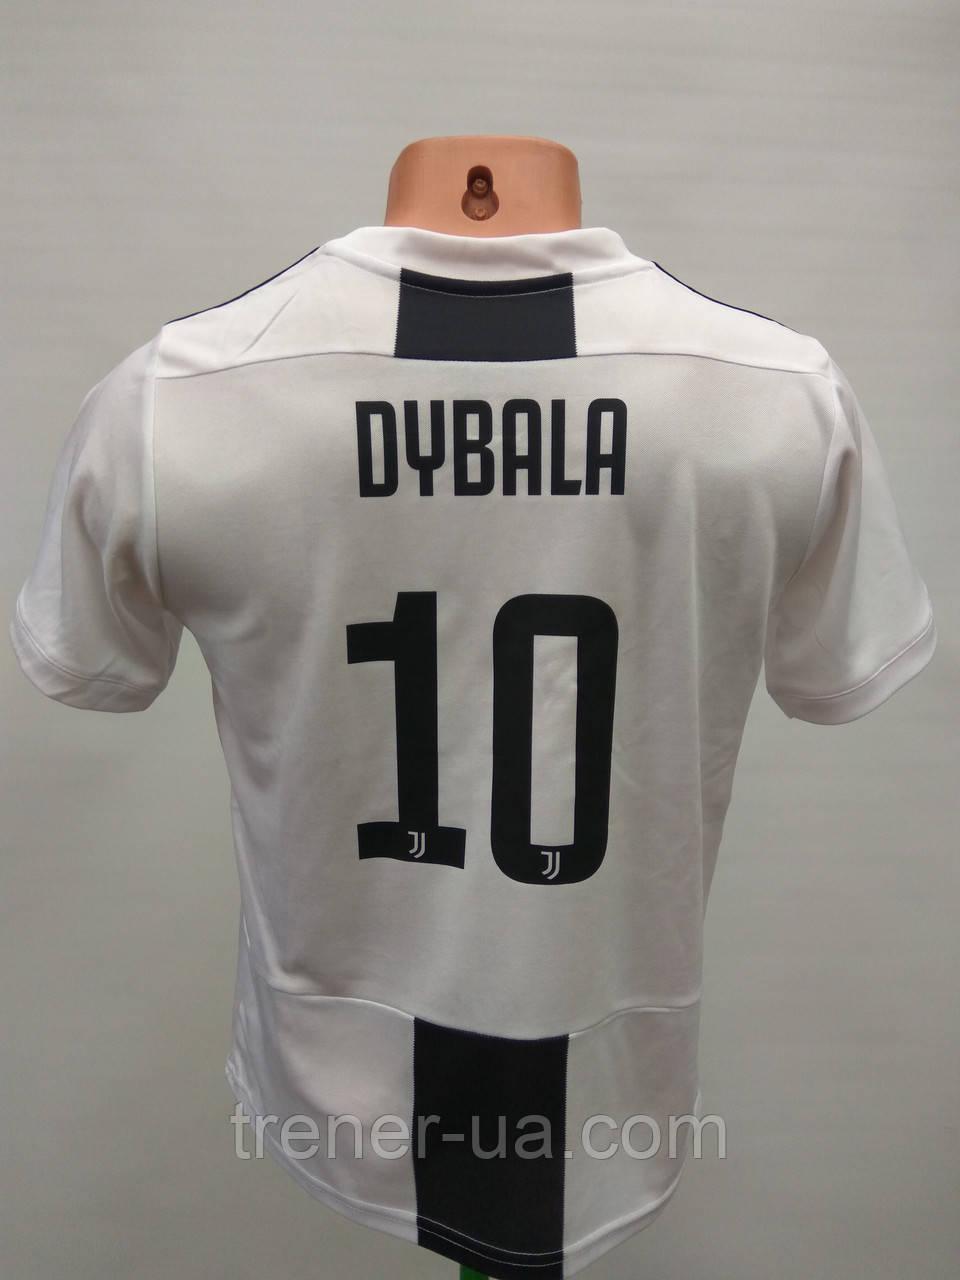 Футбольная форма детская в стиле Adidas Juventus Dybala чёрно-белая сезон 2018-19